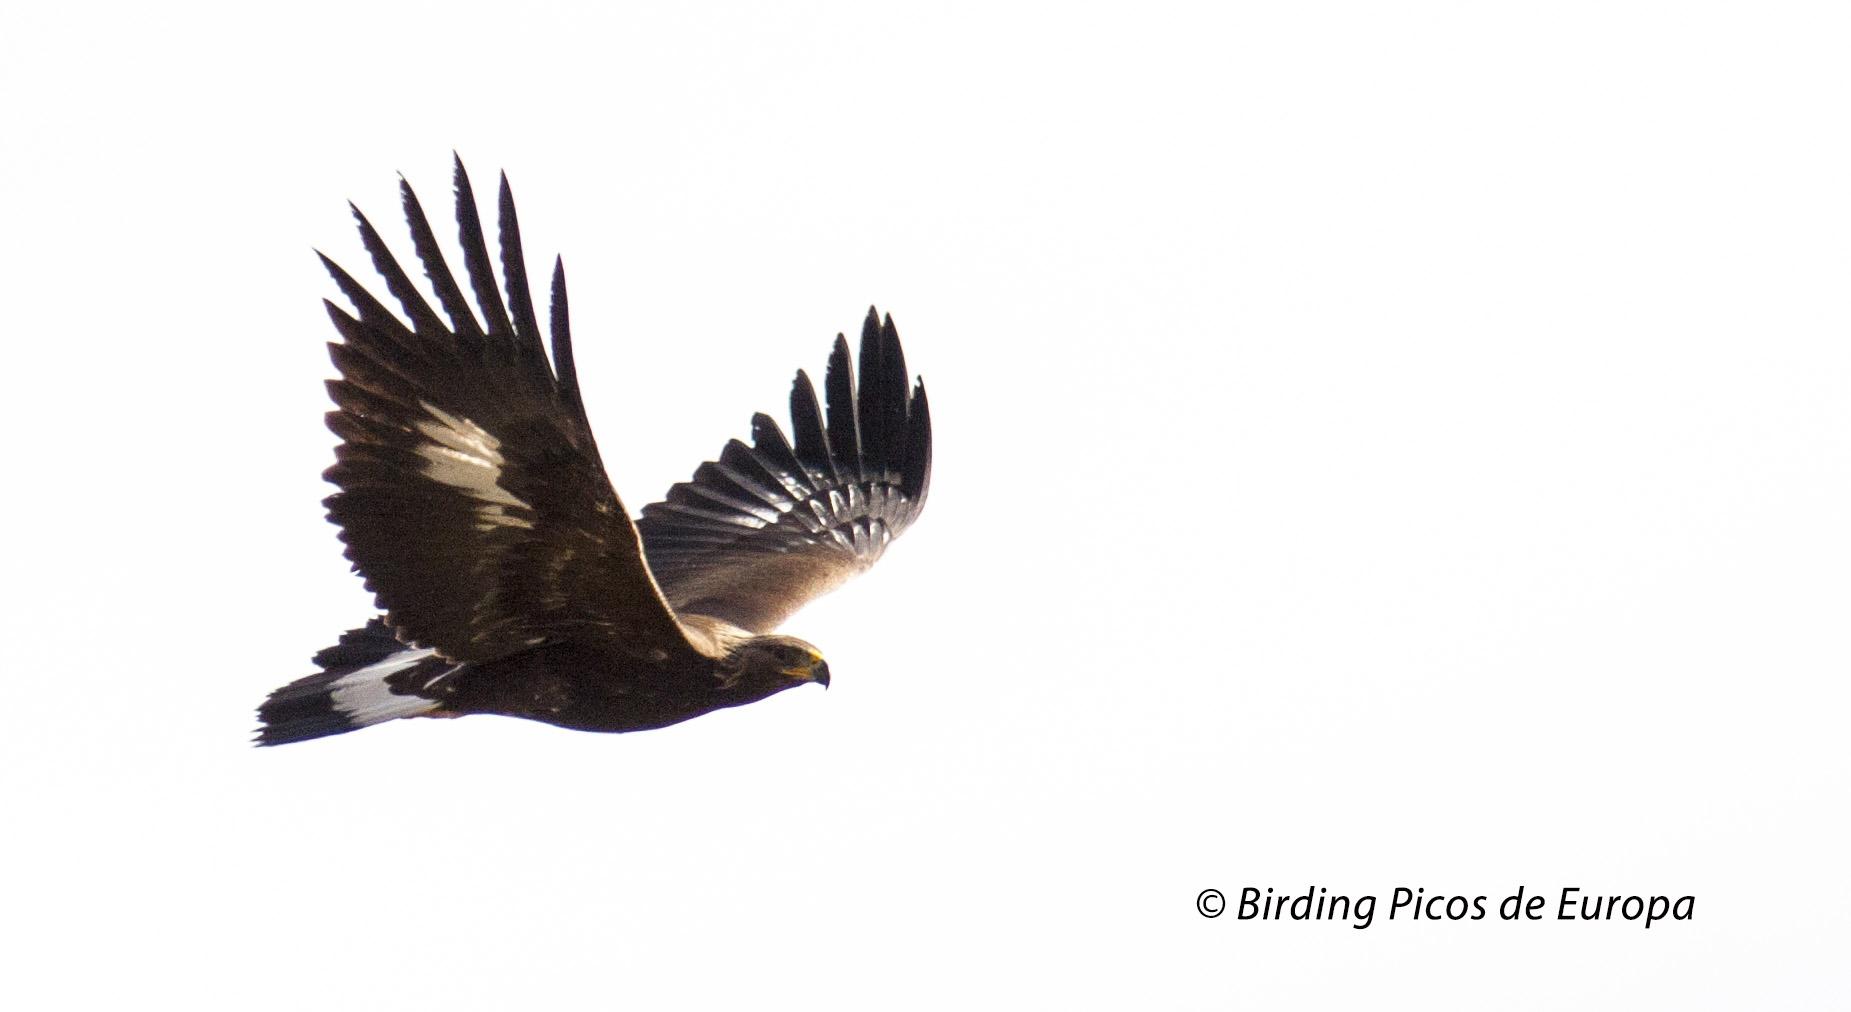 Golden Eagles in the Picos de Europa National Park